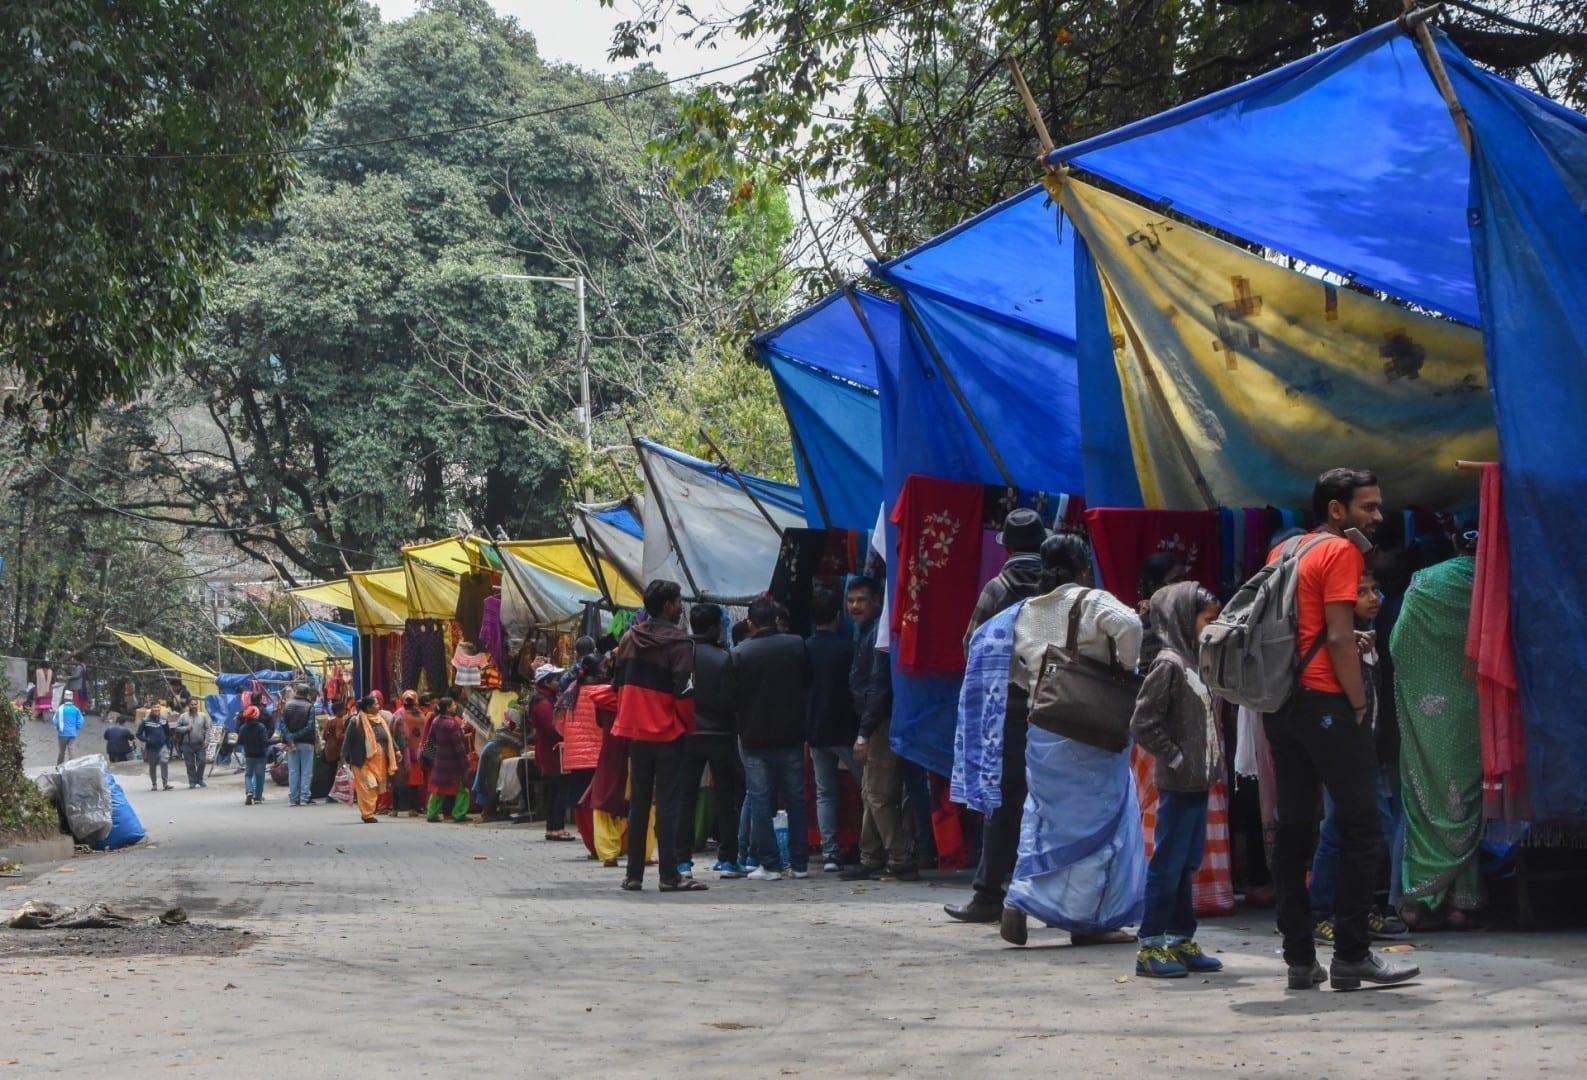 Pequeñas tiendas fuera del zoológico de Darjeeling, que ofrecen especias, té, artesanía, alimentos locales, etc. Darjeeling India